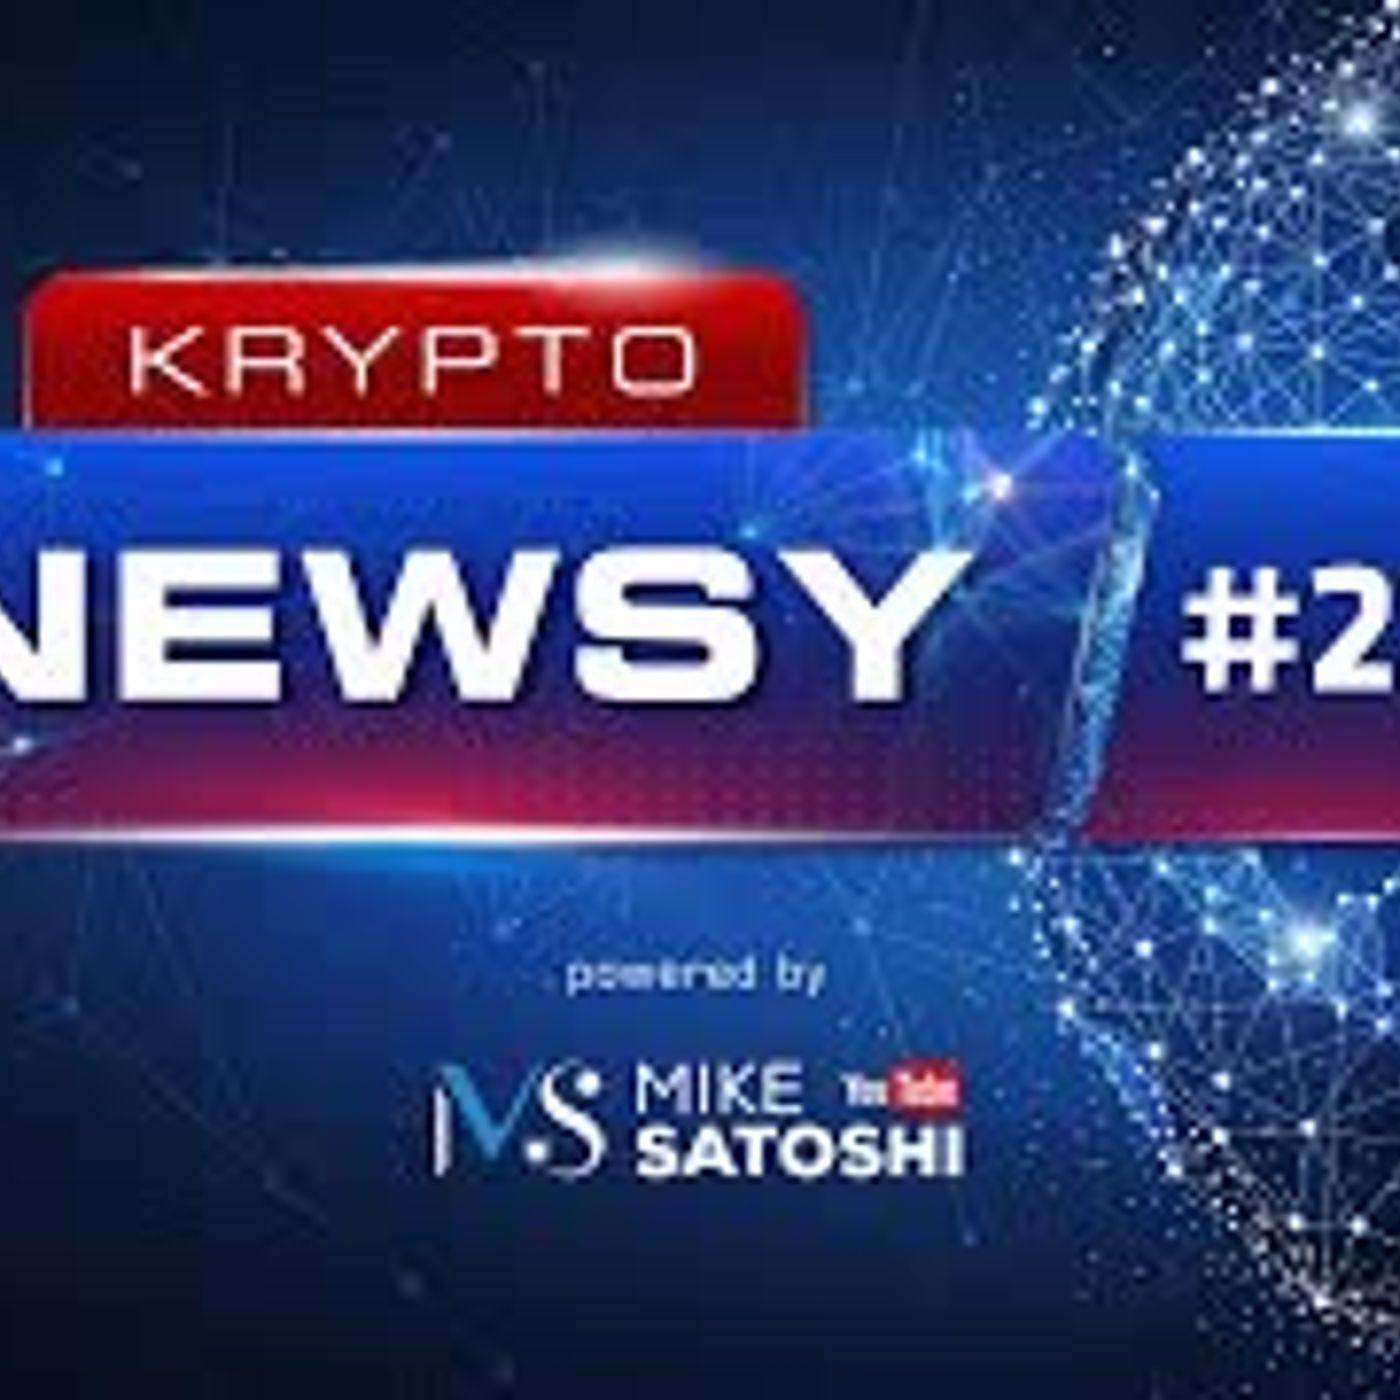 Krypto-Newsy #225  |  24.06.2020   |  Dane z Telegrama wyciekły, 4chan oszalał na punkcie DeFi, koniec forum Bitcoin.com, BitHumb robi IPO